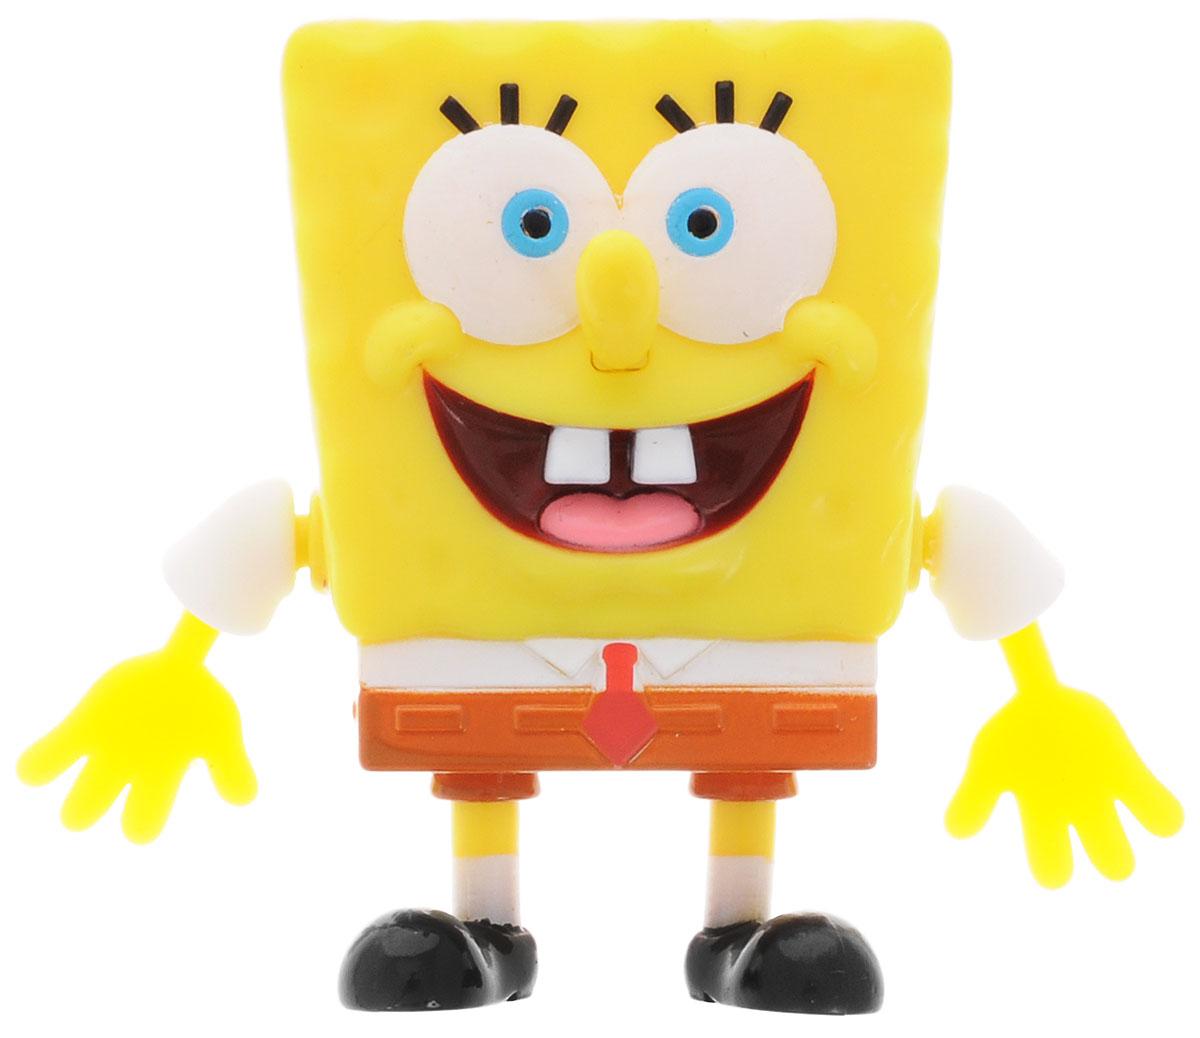 Robofish Игрушка для ванны Спанч Боб845218011994Игрушка для ванны Robofish Спанч Боб непременно понравится вашему малышу и превратит купание в веселую игру. Она выполнена из безопасного пластика в виде любимого персонажа из одноименного мультфильма. Игрушка активируется в воде - плывет, двигая руками. Эконом-режим отключается через 4 минуты. Игрушку нужно вытащить на несколько секунд и запустить в воду снова. Траектория движения в воде зависит от положения рук. Игрушка для ванны Robofish Спанч Боб работает от 2 батареек LR44 (установлены в игрушку), также прилагается 2 дополнительные батарейки.